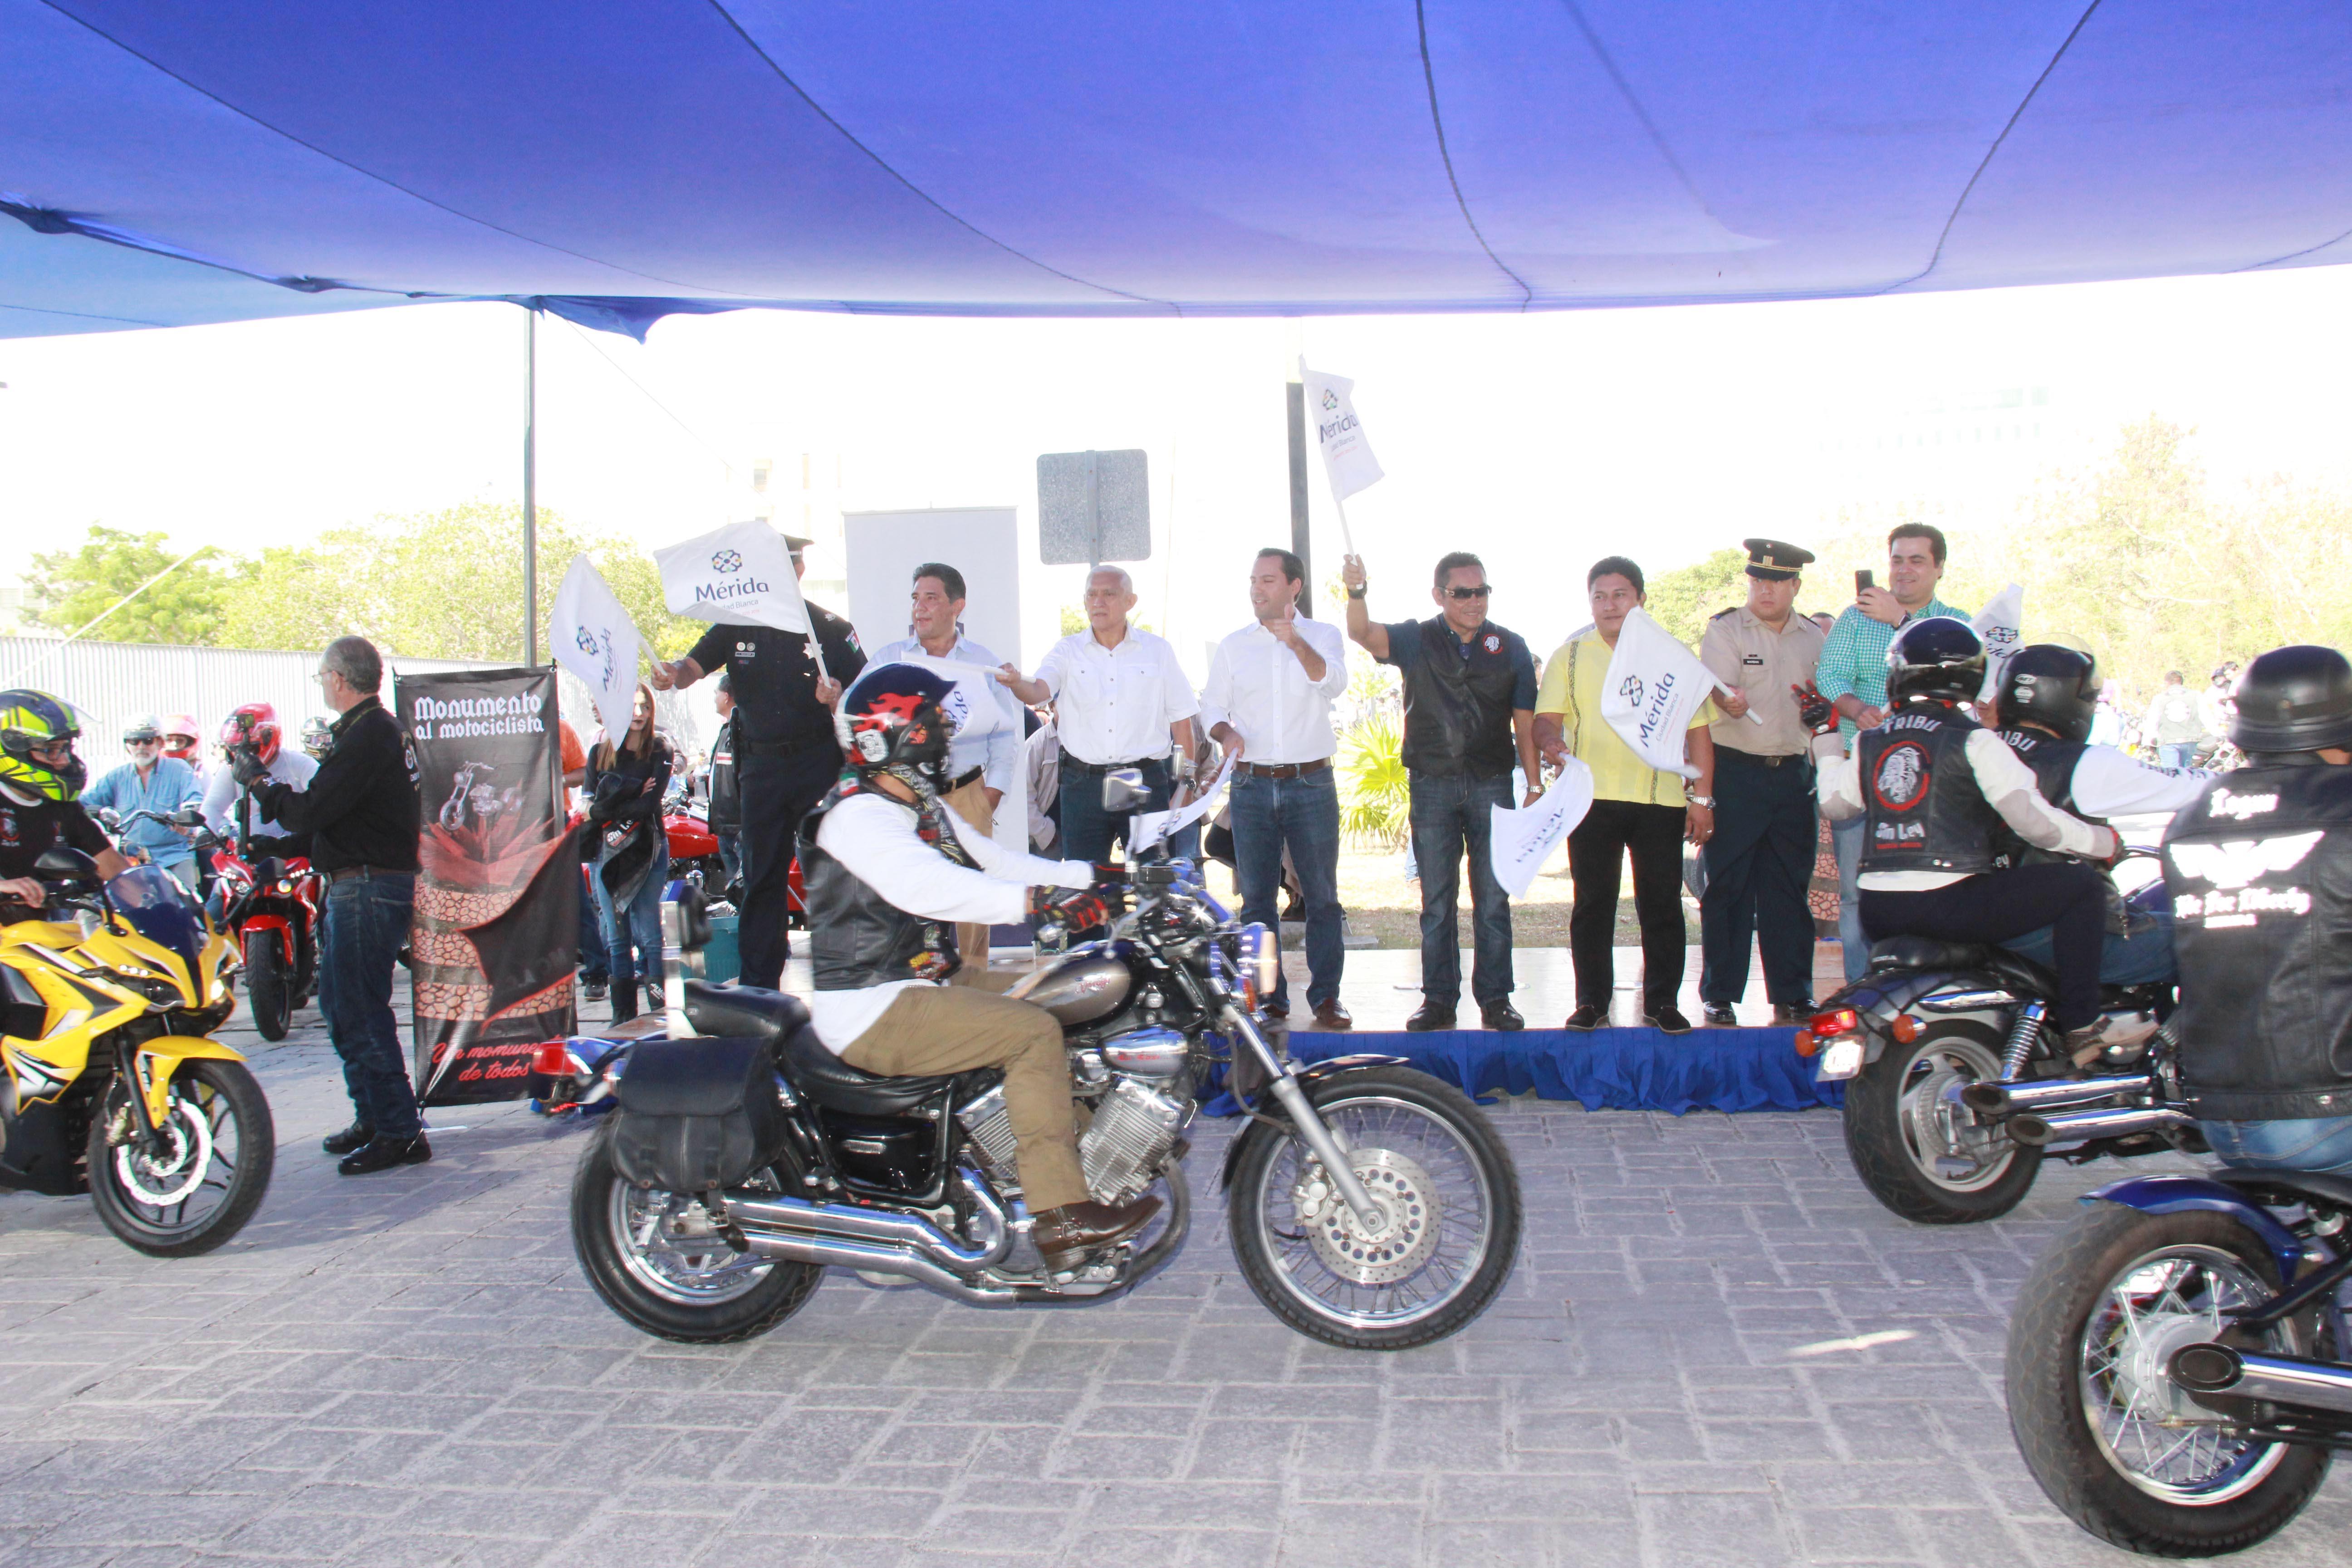 Encabeza Vila celebración por Día del Motociclista en Yucatán